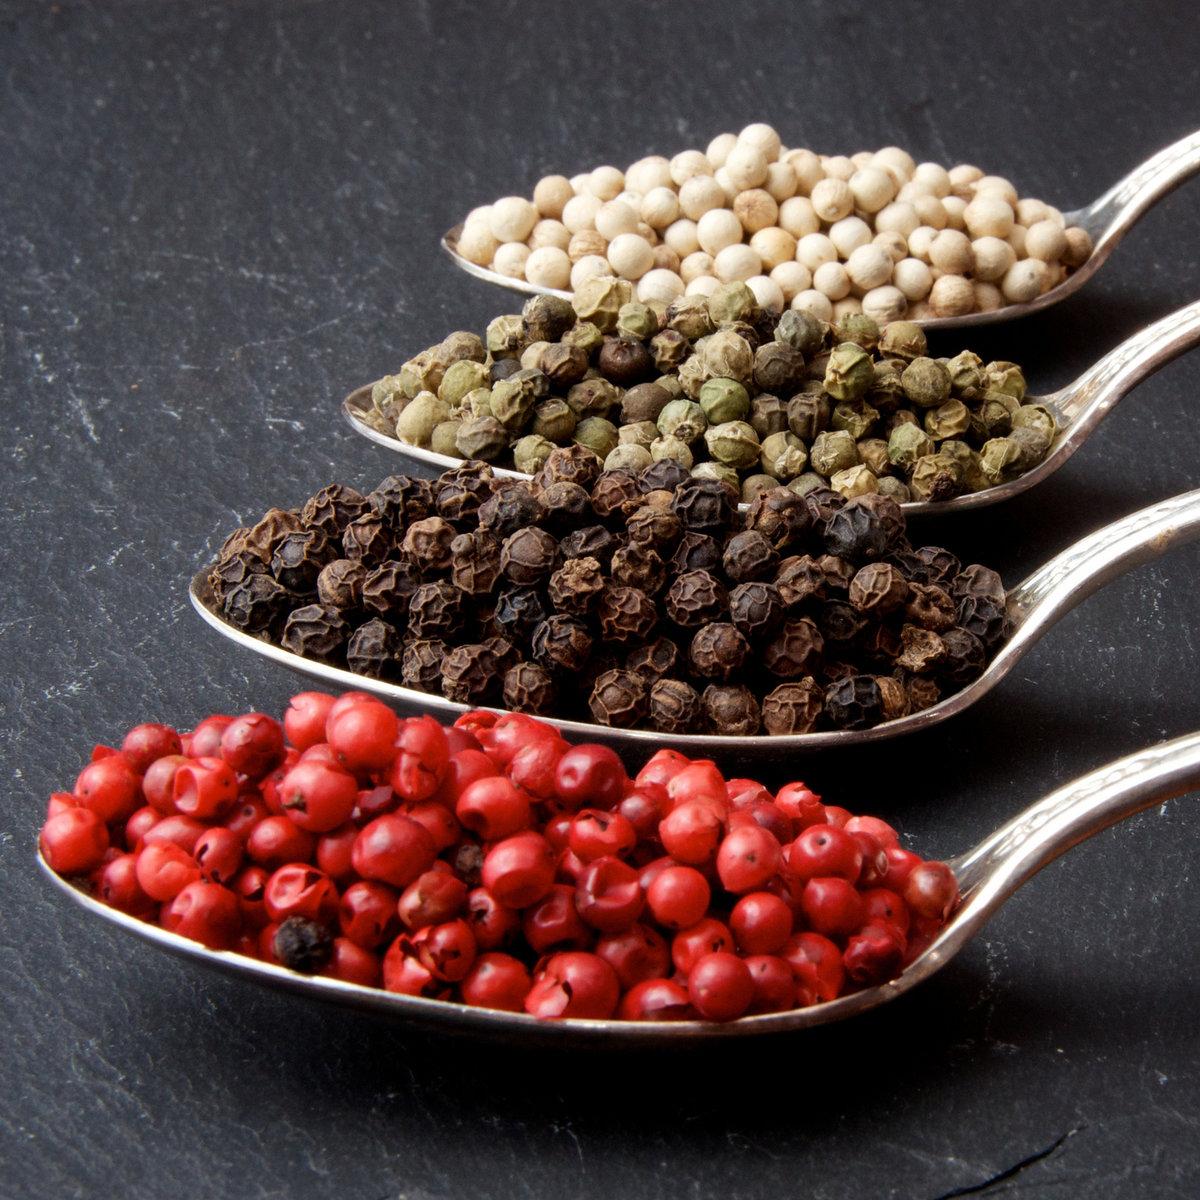 Специи. Разновидности перца (красный, чёрный, зелёный и белый)